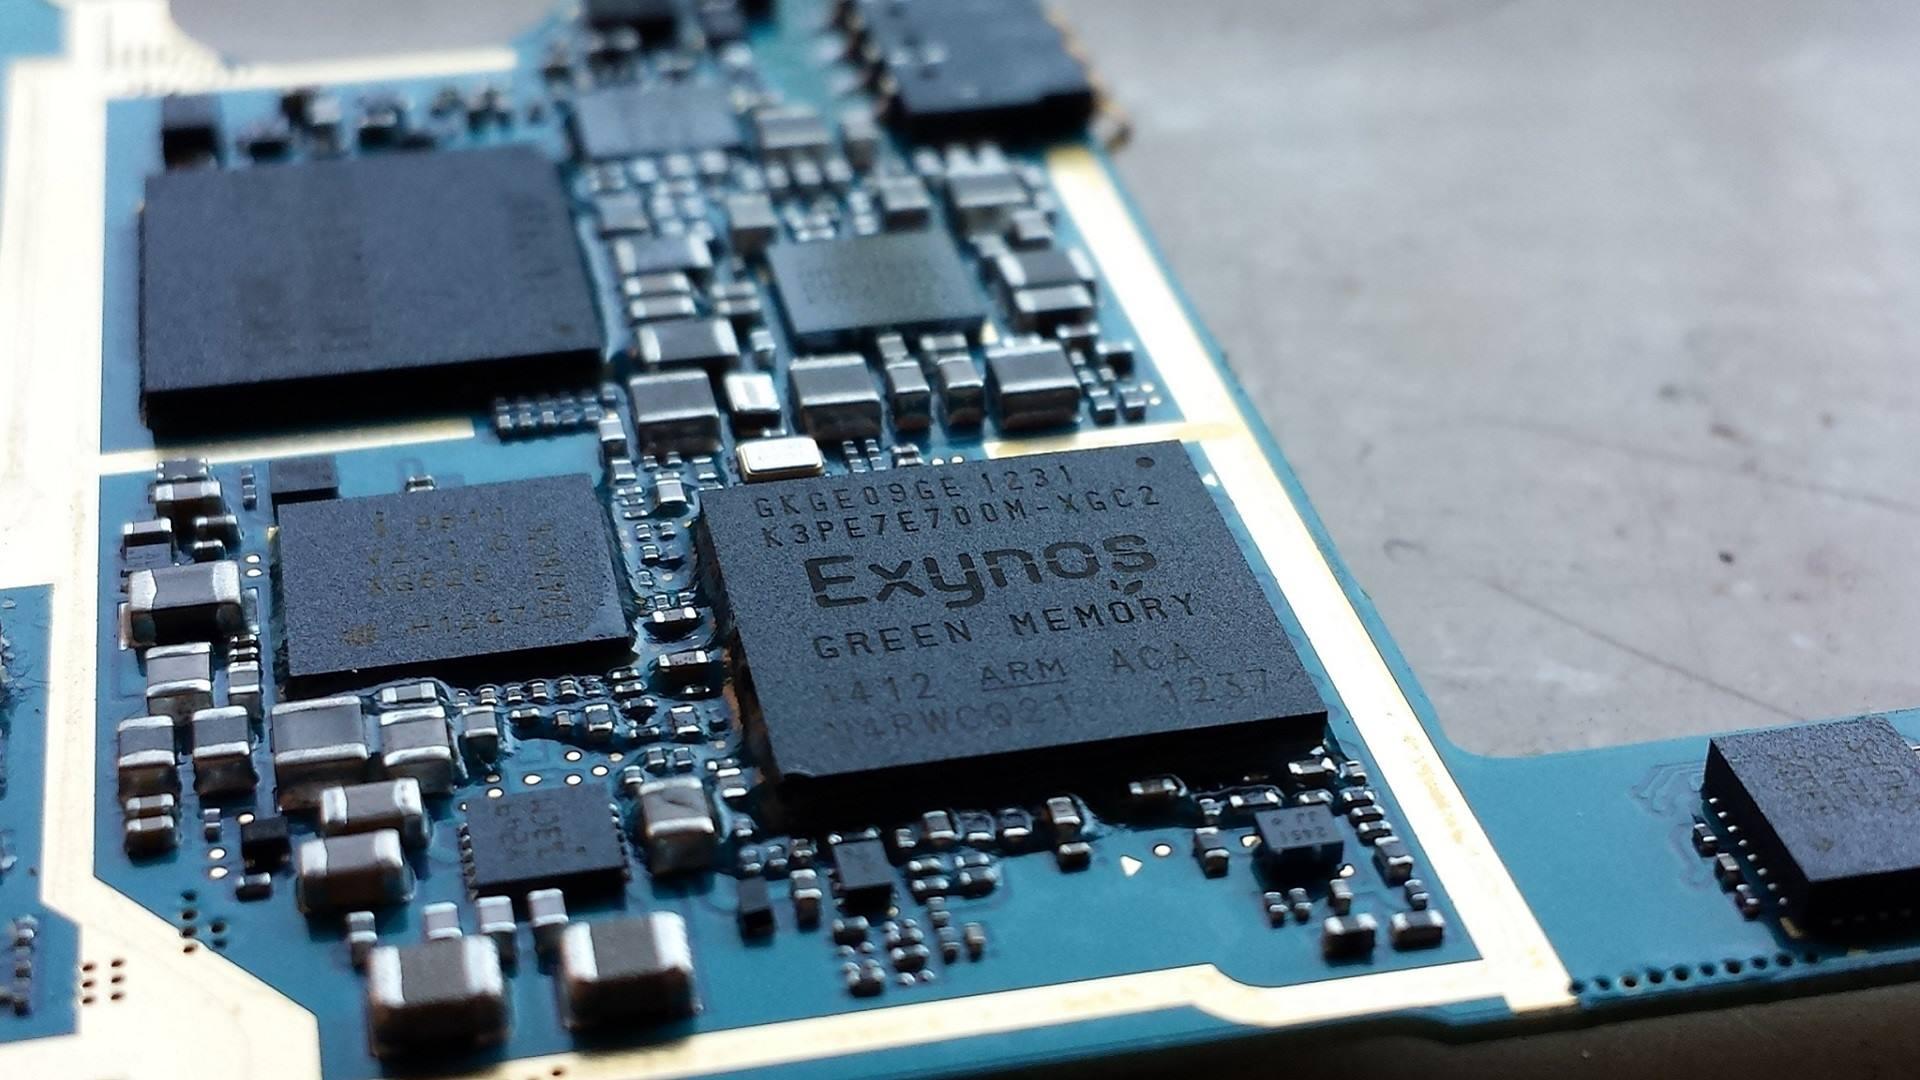 1478074604_samsung-exynos-4412-quadsocusedini9300-1920-x-1080.jpg